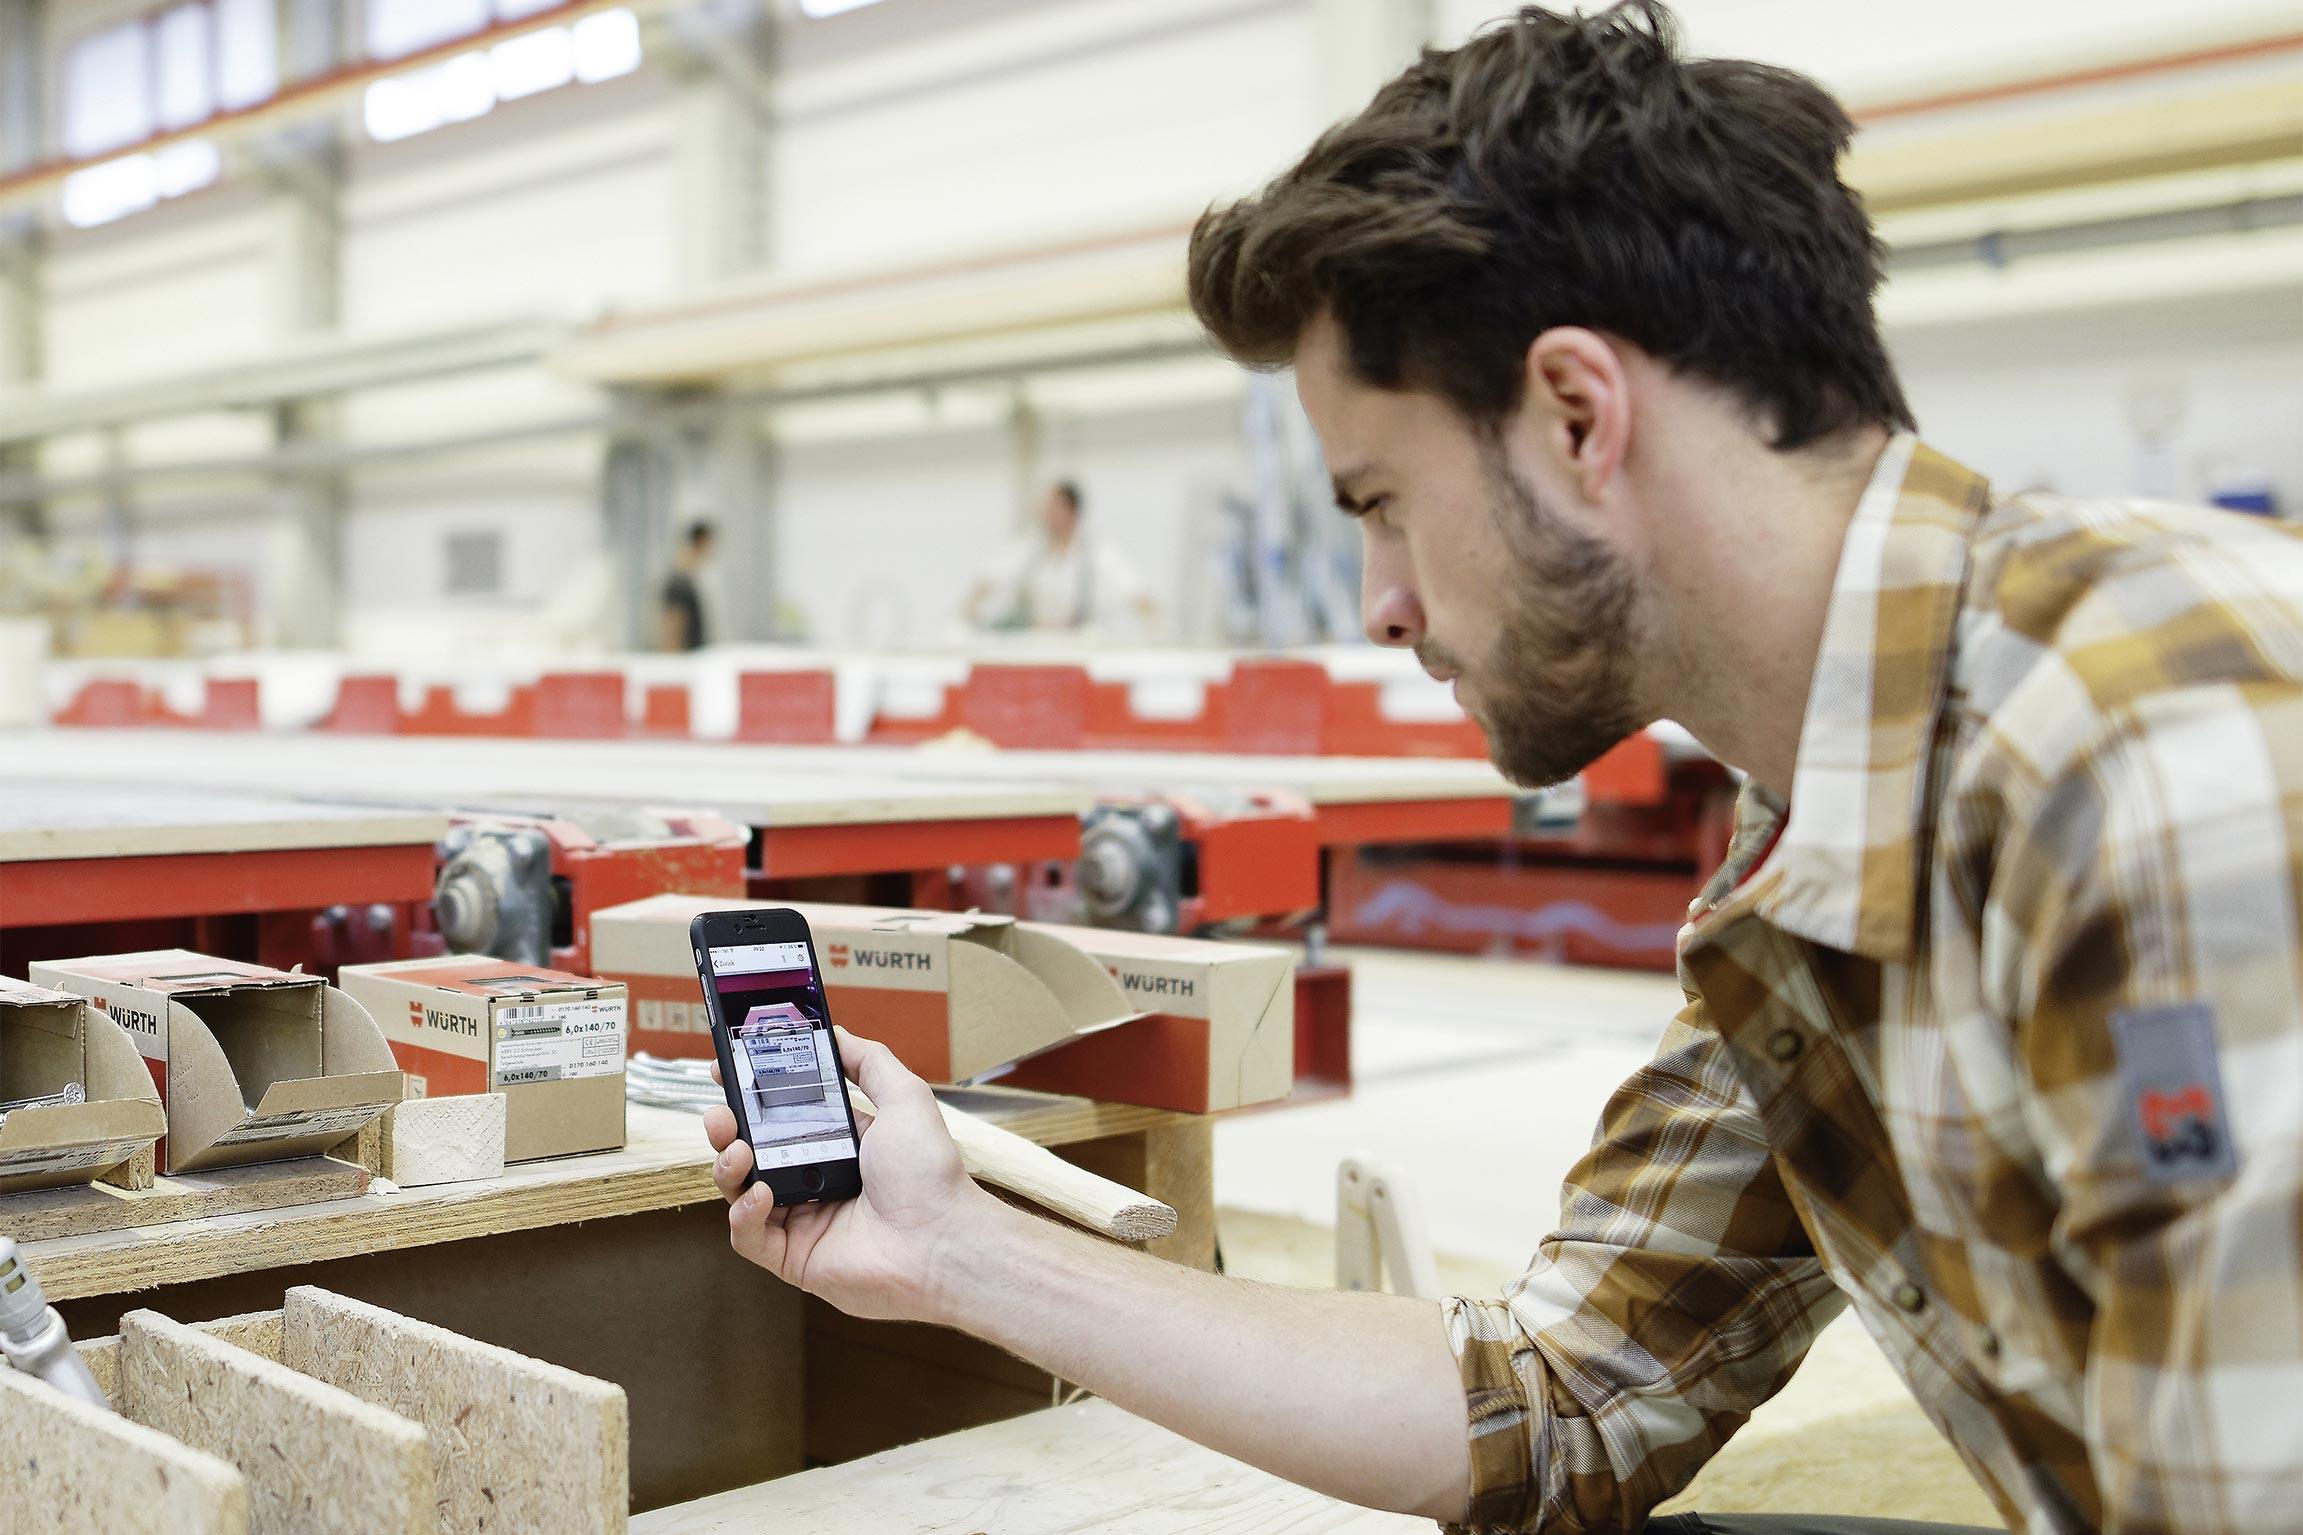 Mithilfe der Würth App können Kunden Barcodes scannen und Produkte bestellen, die nächste Niederlassung finden oder den Lärmpegel analysieren und so den geeigneten Gehörschutz finden. Alles ganz einfach per Smartphone.